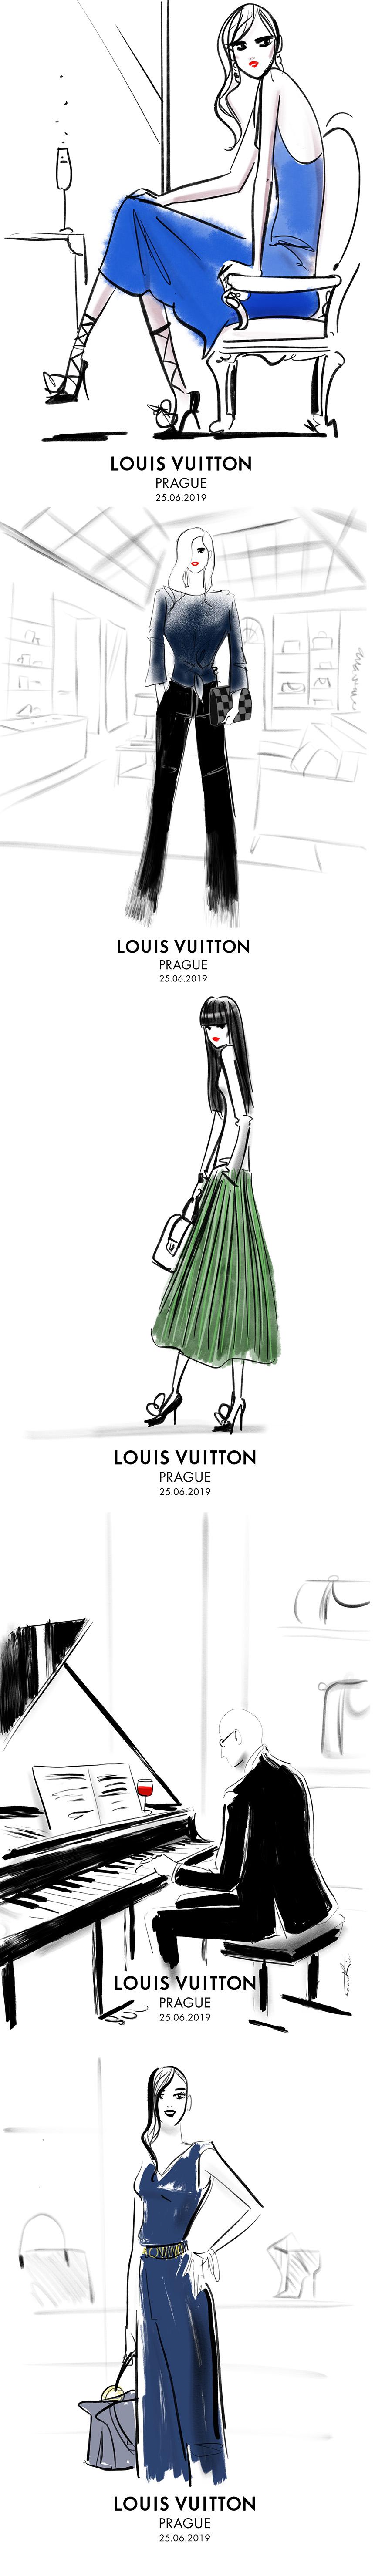 louis-vuitton-live-illustration-prague